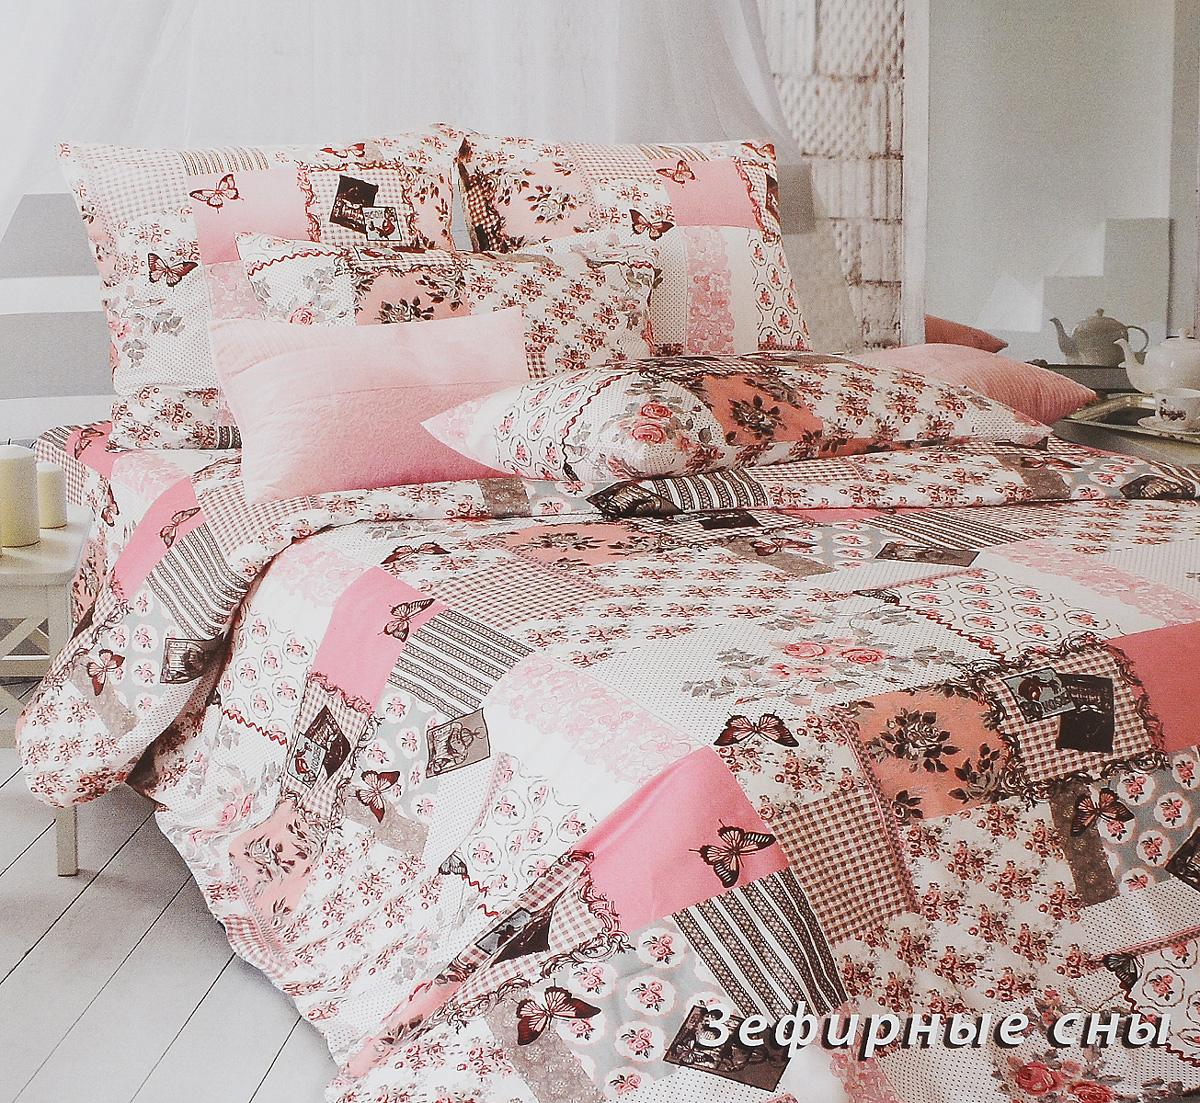 Комплект белья Tiffanys Secret Зефирные сны, евро, наволочки 70х70, цвет: розовый, белый, темно-коричневый2040115980Комплект постельного белья Tiffanys Secret Зефирные сны является экологически безопасным для всей семьи, так как выполнен из сатина (100% хлопок). Комплект состоит из пододеяльника, простыни и двух наволочек. Предметы комплекта оформлены оригинальным рисунком.Благодаря такому комплекту постельного белья вы сможете создать атмосферу уюта и комфорта в вашей спальне.Сатин - это ткань, навсегда покорившая сердца человечества. Ценившие роскошь персы называли ее атлас, а искушенные в прекрасном французы - сатин. Секрет высококачественного сатина в безупречности всего технологического процесса. Эту благородную ткань делают только из отборной натуральной пряжи, которую получают из самого лучшего тонковолокнистого хлопка. Благодаря использованию самой тонкой хлопковой нити получается необычайно мягкое и нежное полотно. Сатиновое постельное белье превращает жаркие летние ночи в прохладные и освежающие, а холодные зимние - в теплые и согревающие. Сатин очень приятен на ощупь, постельное белье из него долговечно, выдерживает более 300 стирок, и лишь спустя долгое время материал начинает немного тускнеть. Оцените все достоинства постельного белья из сатина, выбирая самое лучшее для себя!